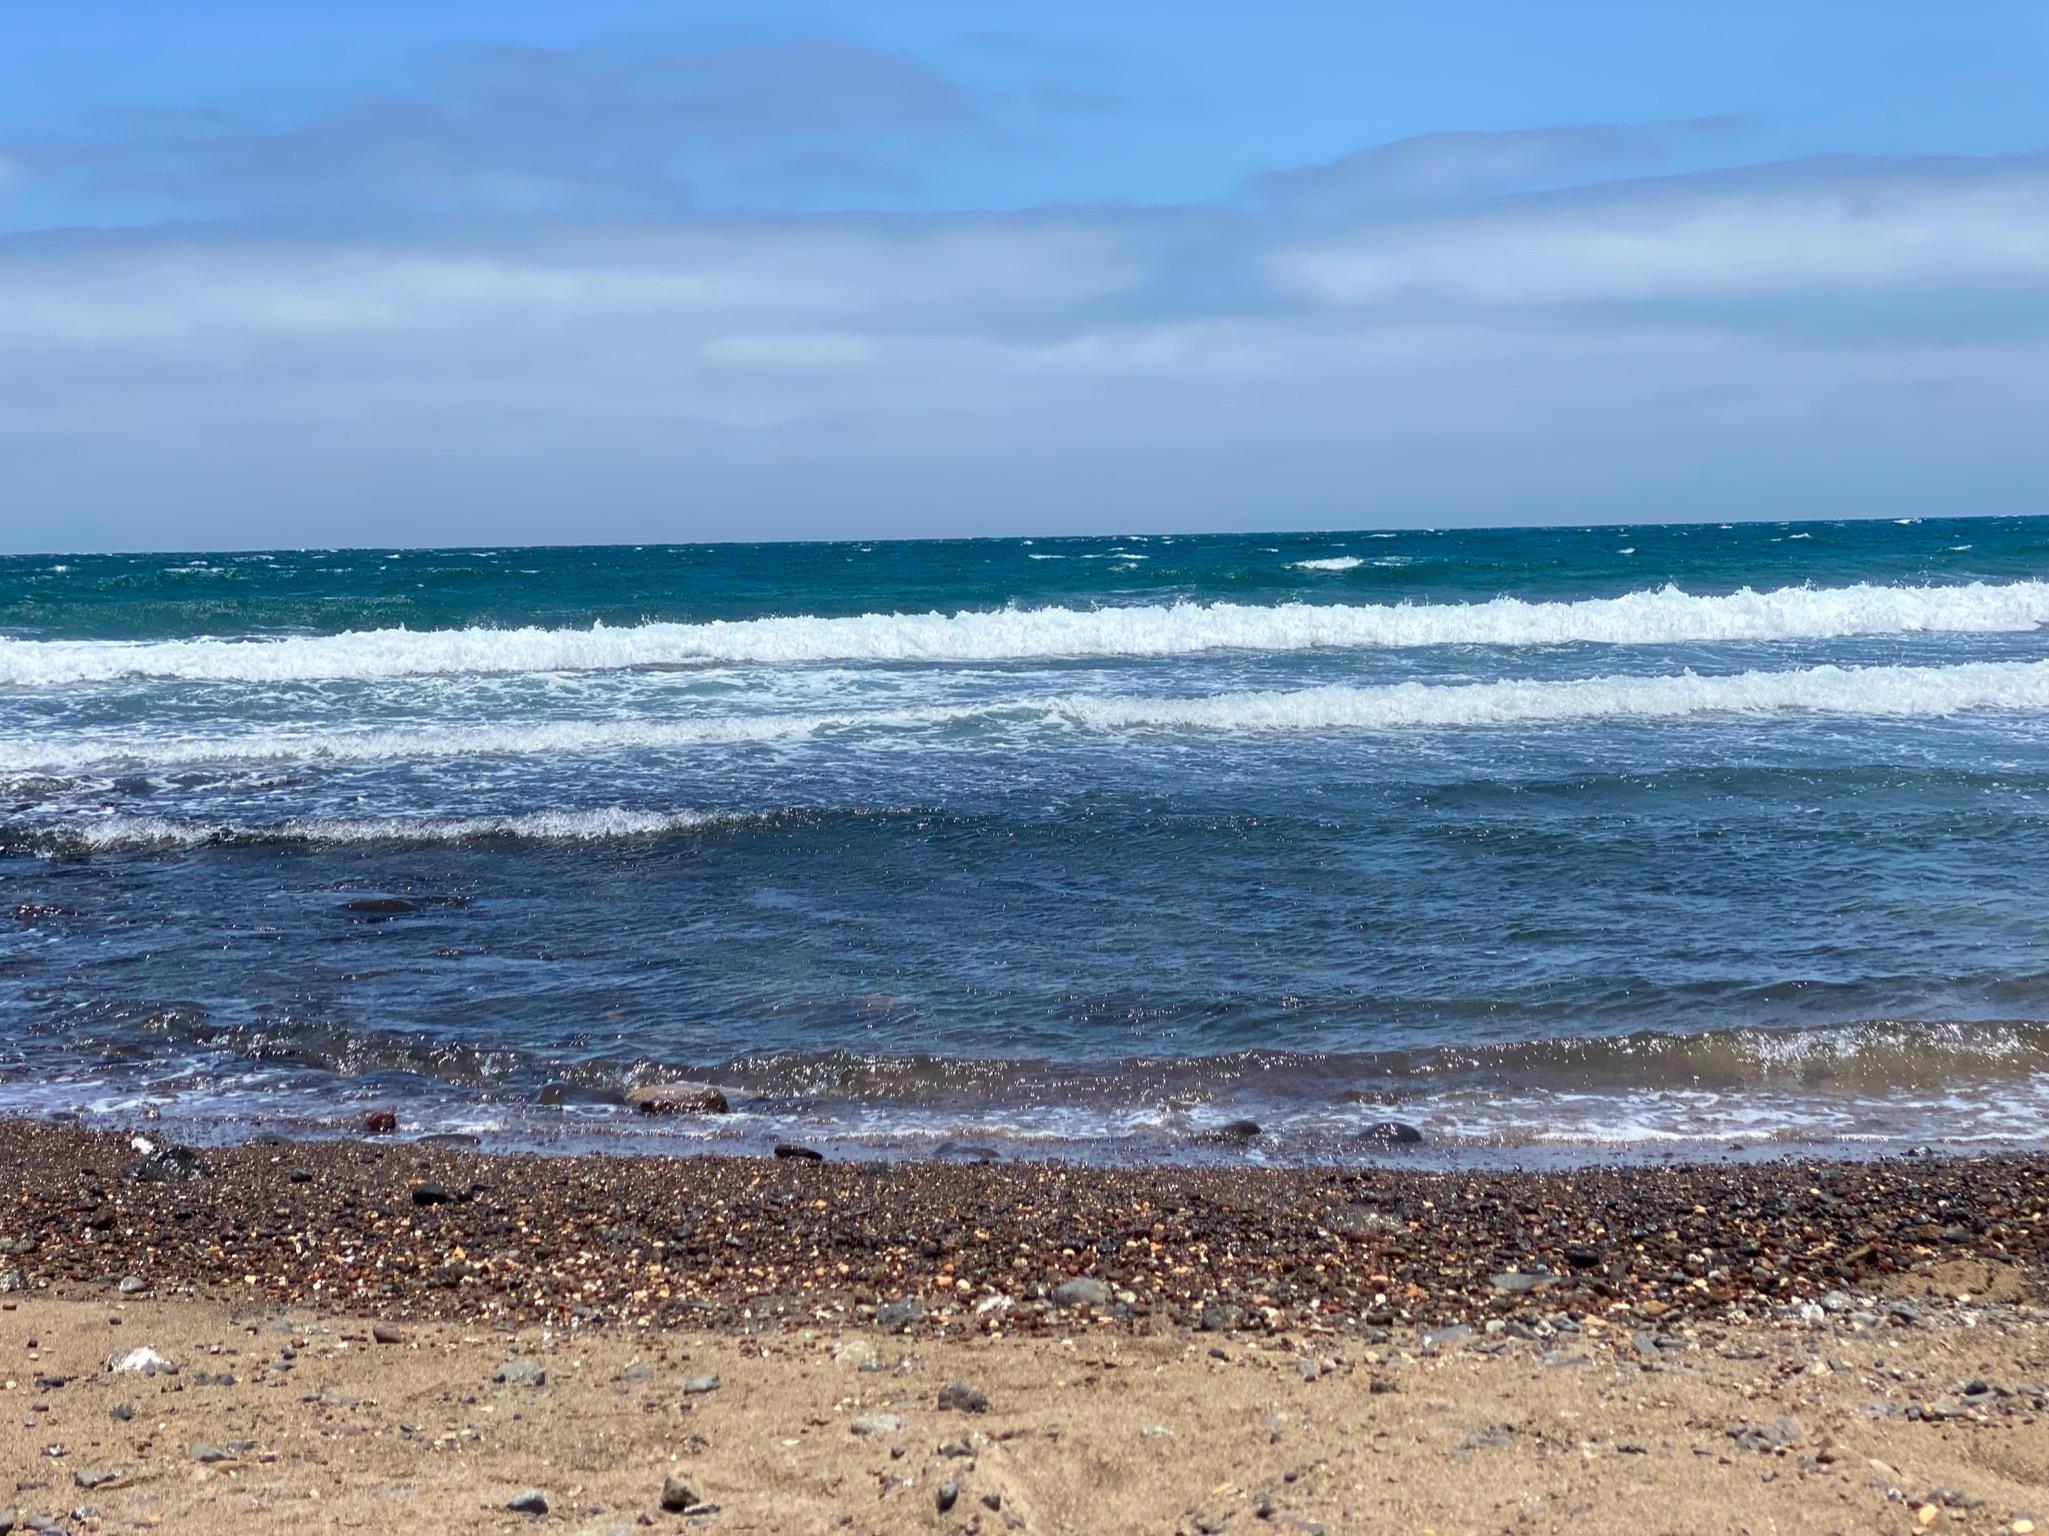 Playa Ojos de Garza